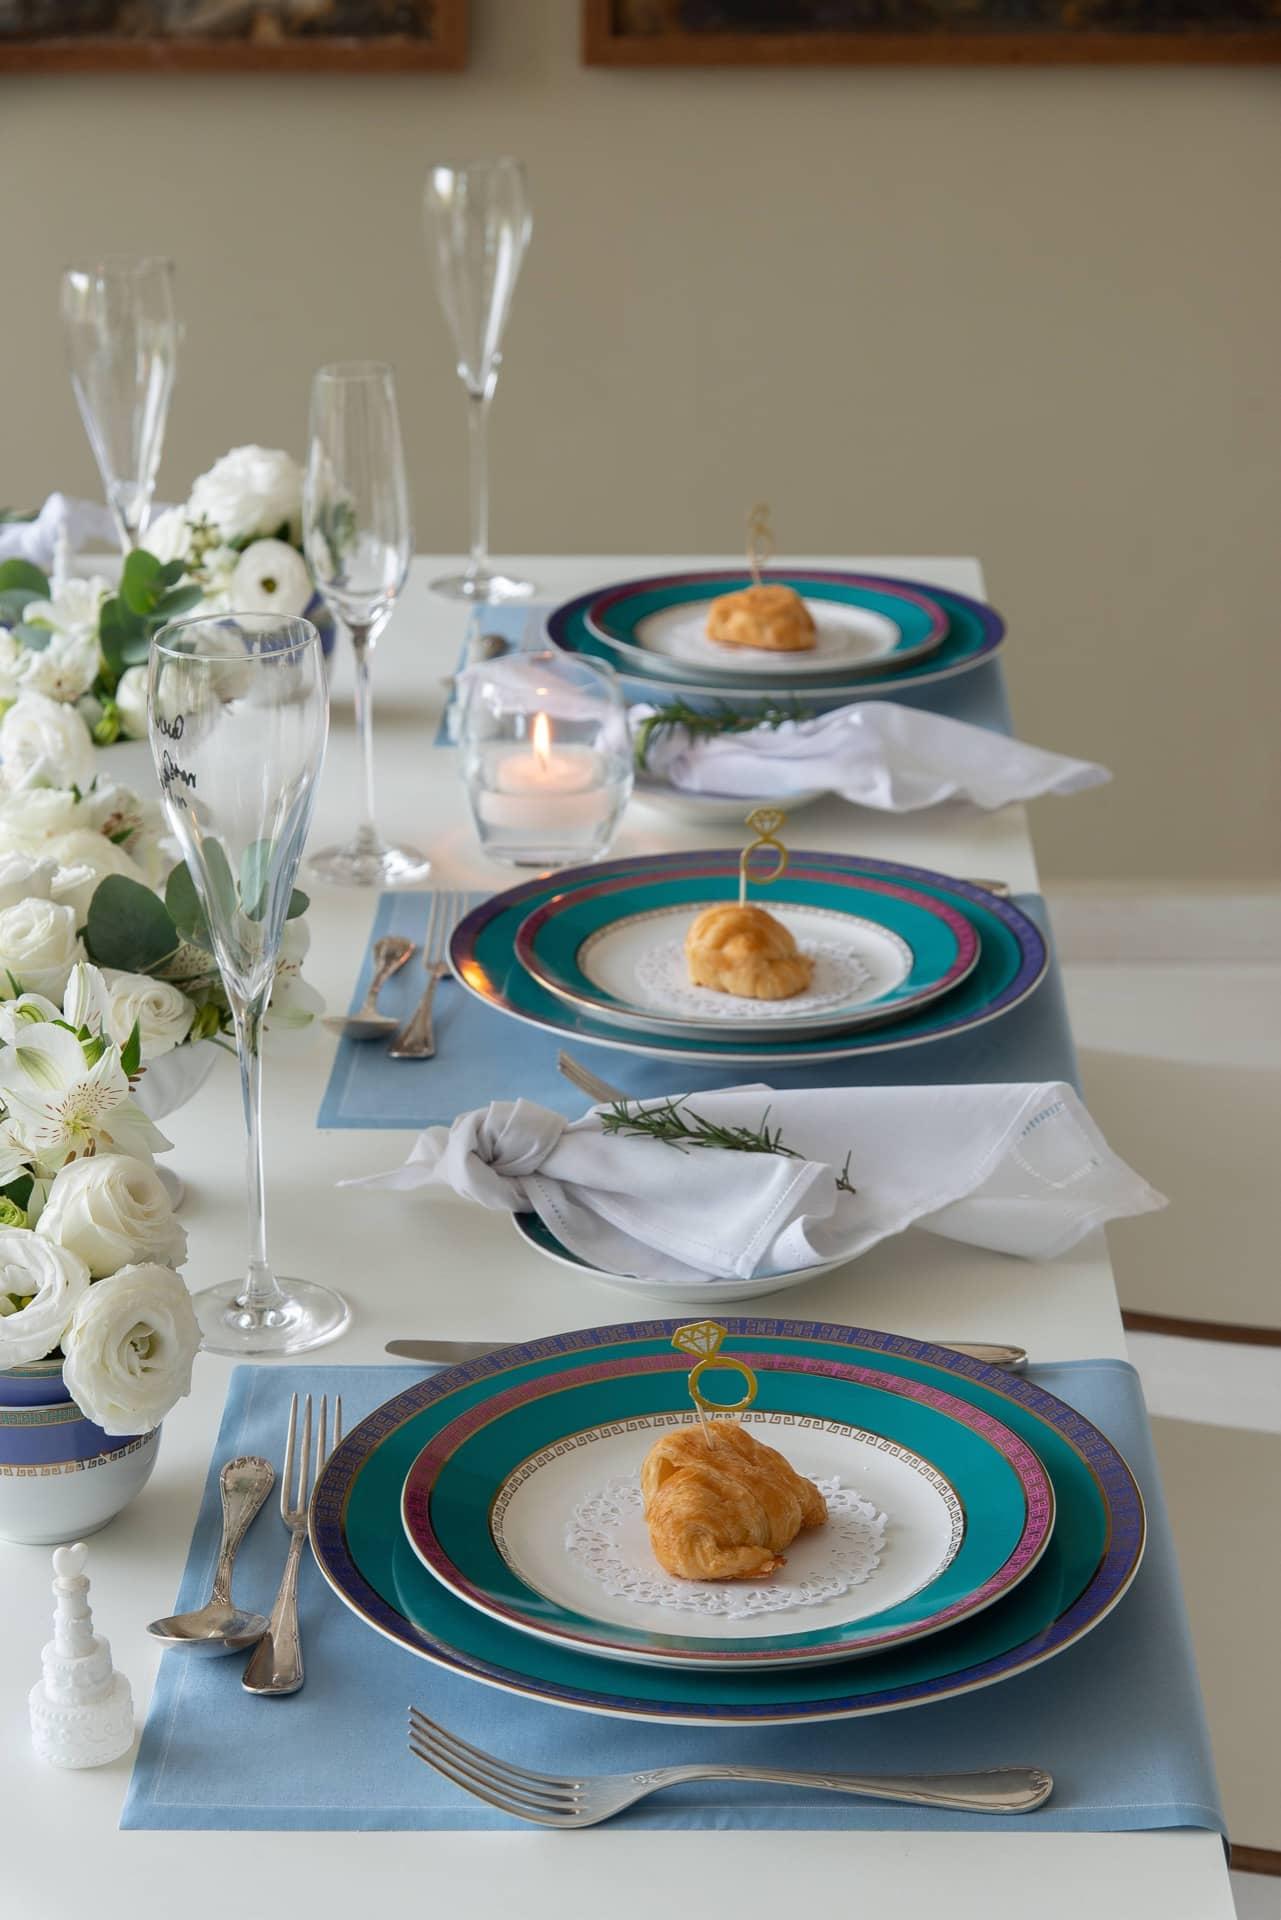 Imagem: No jantar para os padrinhos, o aparelho de jantar, com cores inspiradas em pedras preciosas brasileiras, contracena com jogos americanos azuis, guardanapos brancos e taças de espumante para festejar a ocasião.Velas e flores brancas são coadjuvantes indispensáveis. Foto: Cacá Bratke